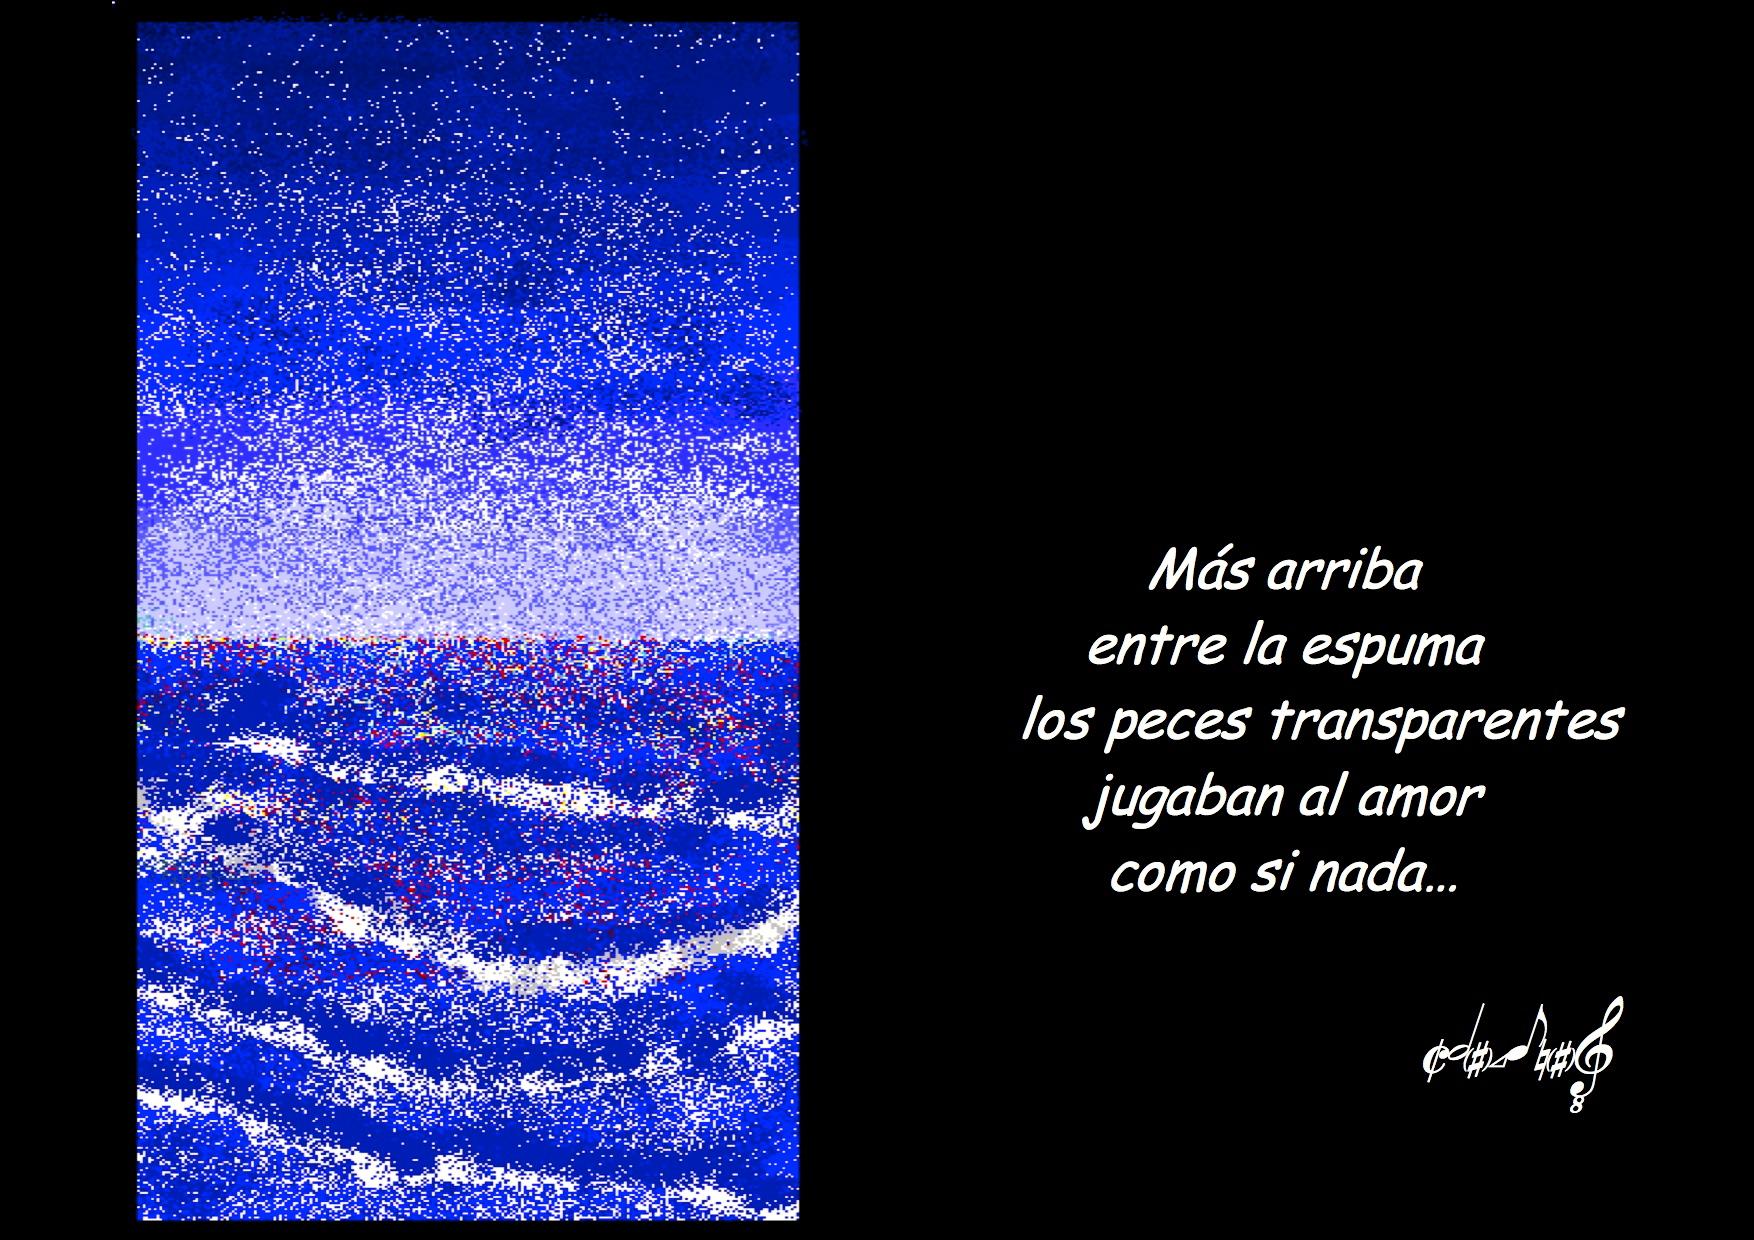 POEMAS_PINTURAS_commosinadade_Chalena